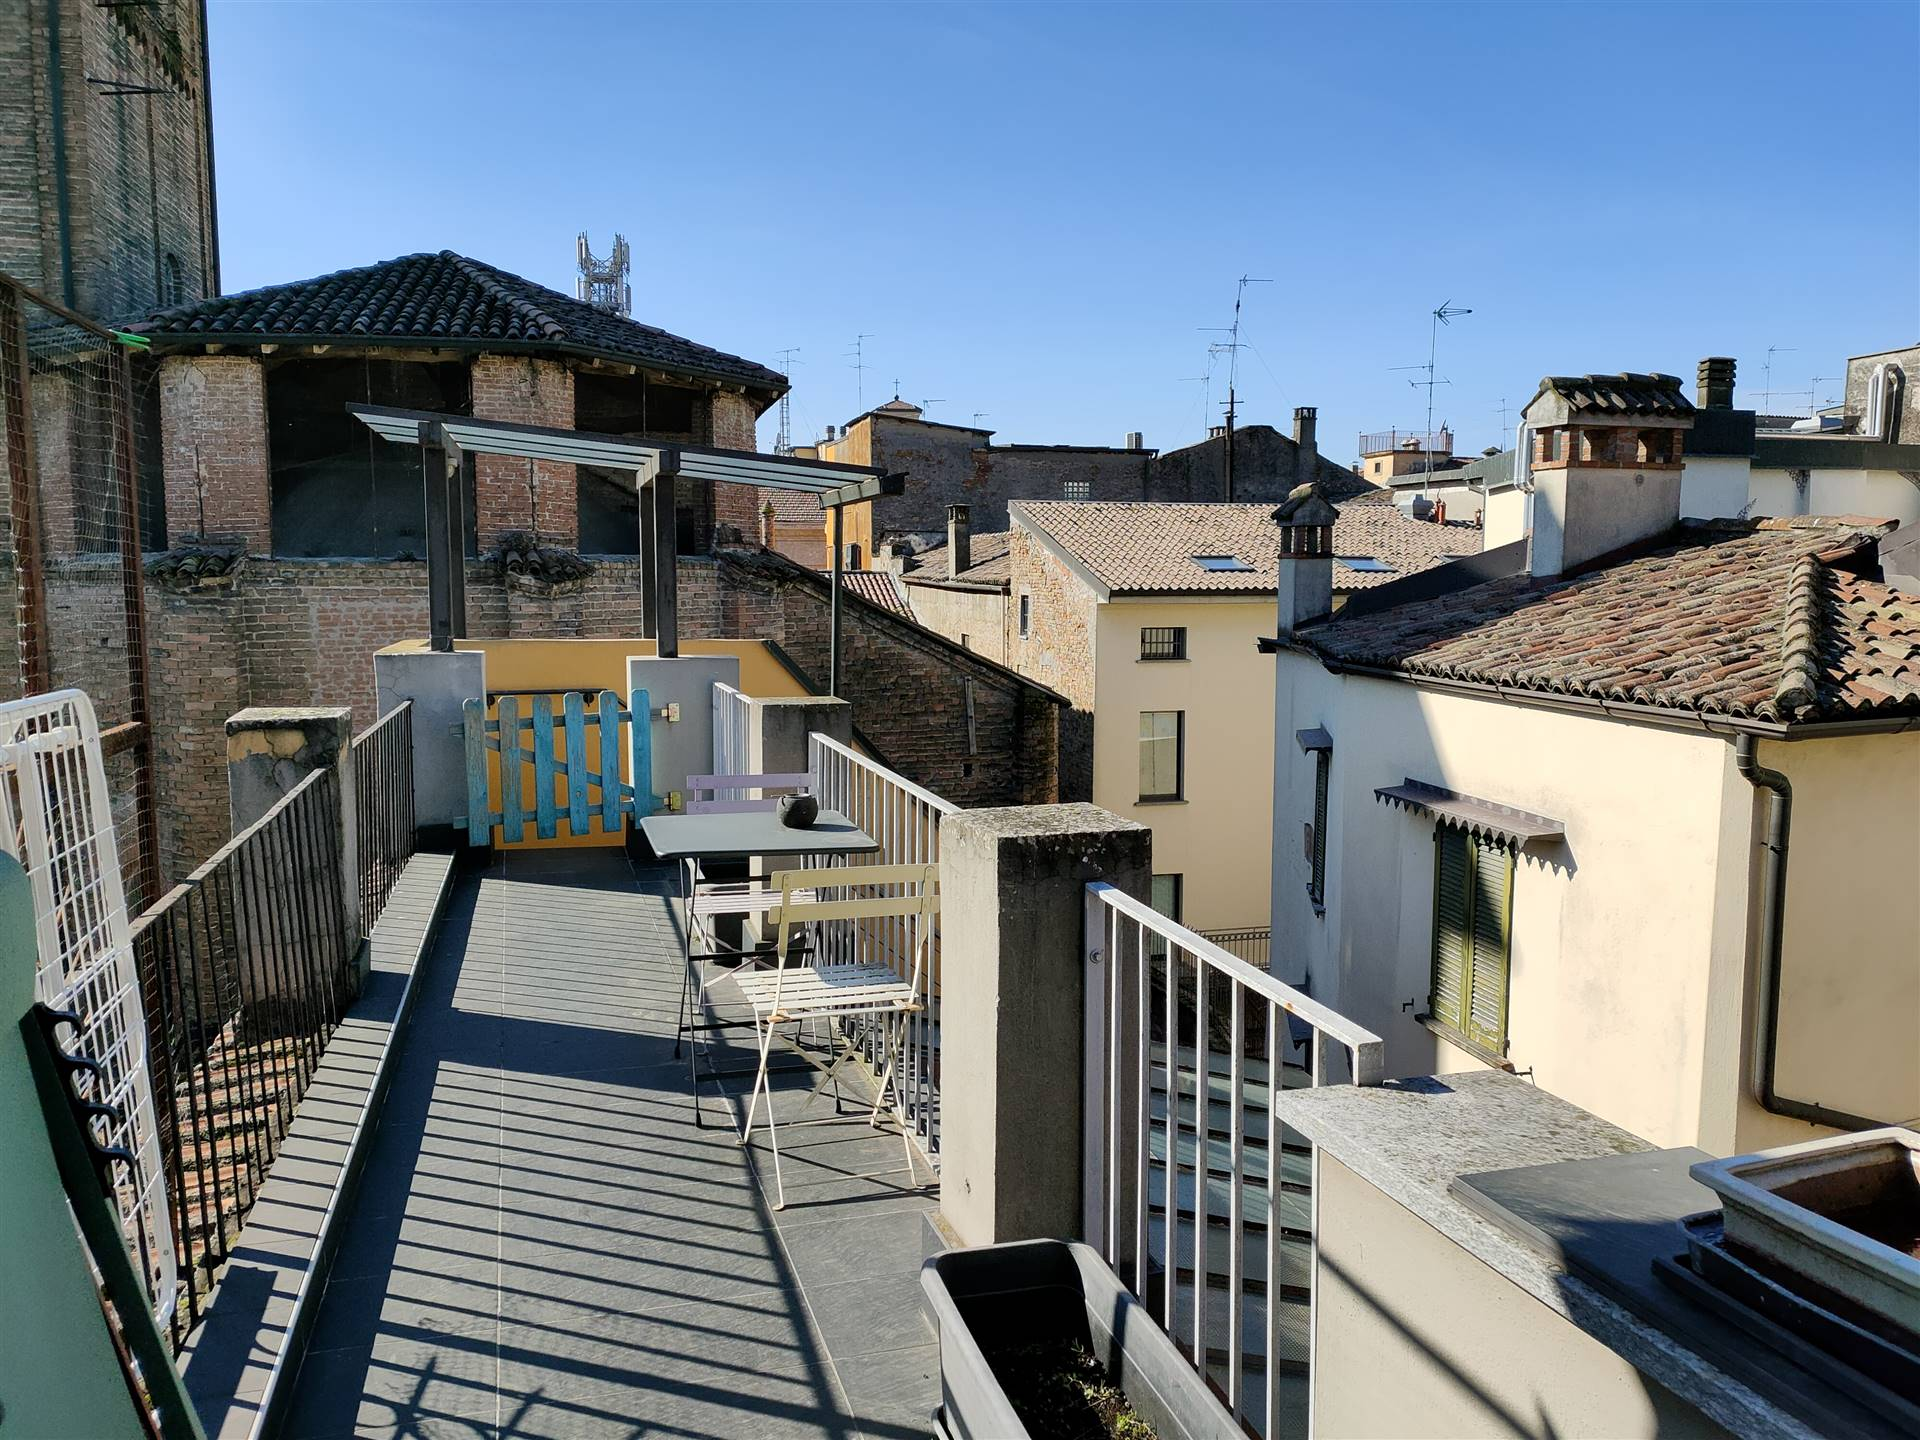 Graziosissima mansarda che domina i tetti di Lodi, composta da: ingresso, soggiorno con cucina a vista,disimpegno con camera, bagno con terrazzino.